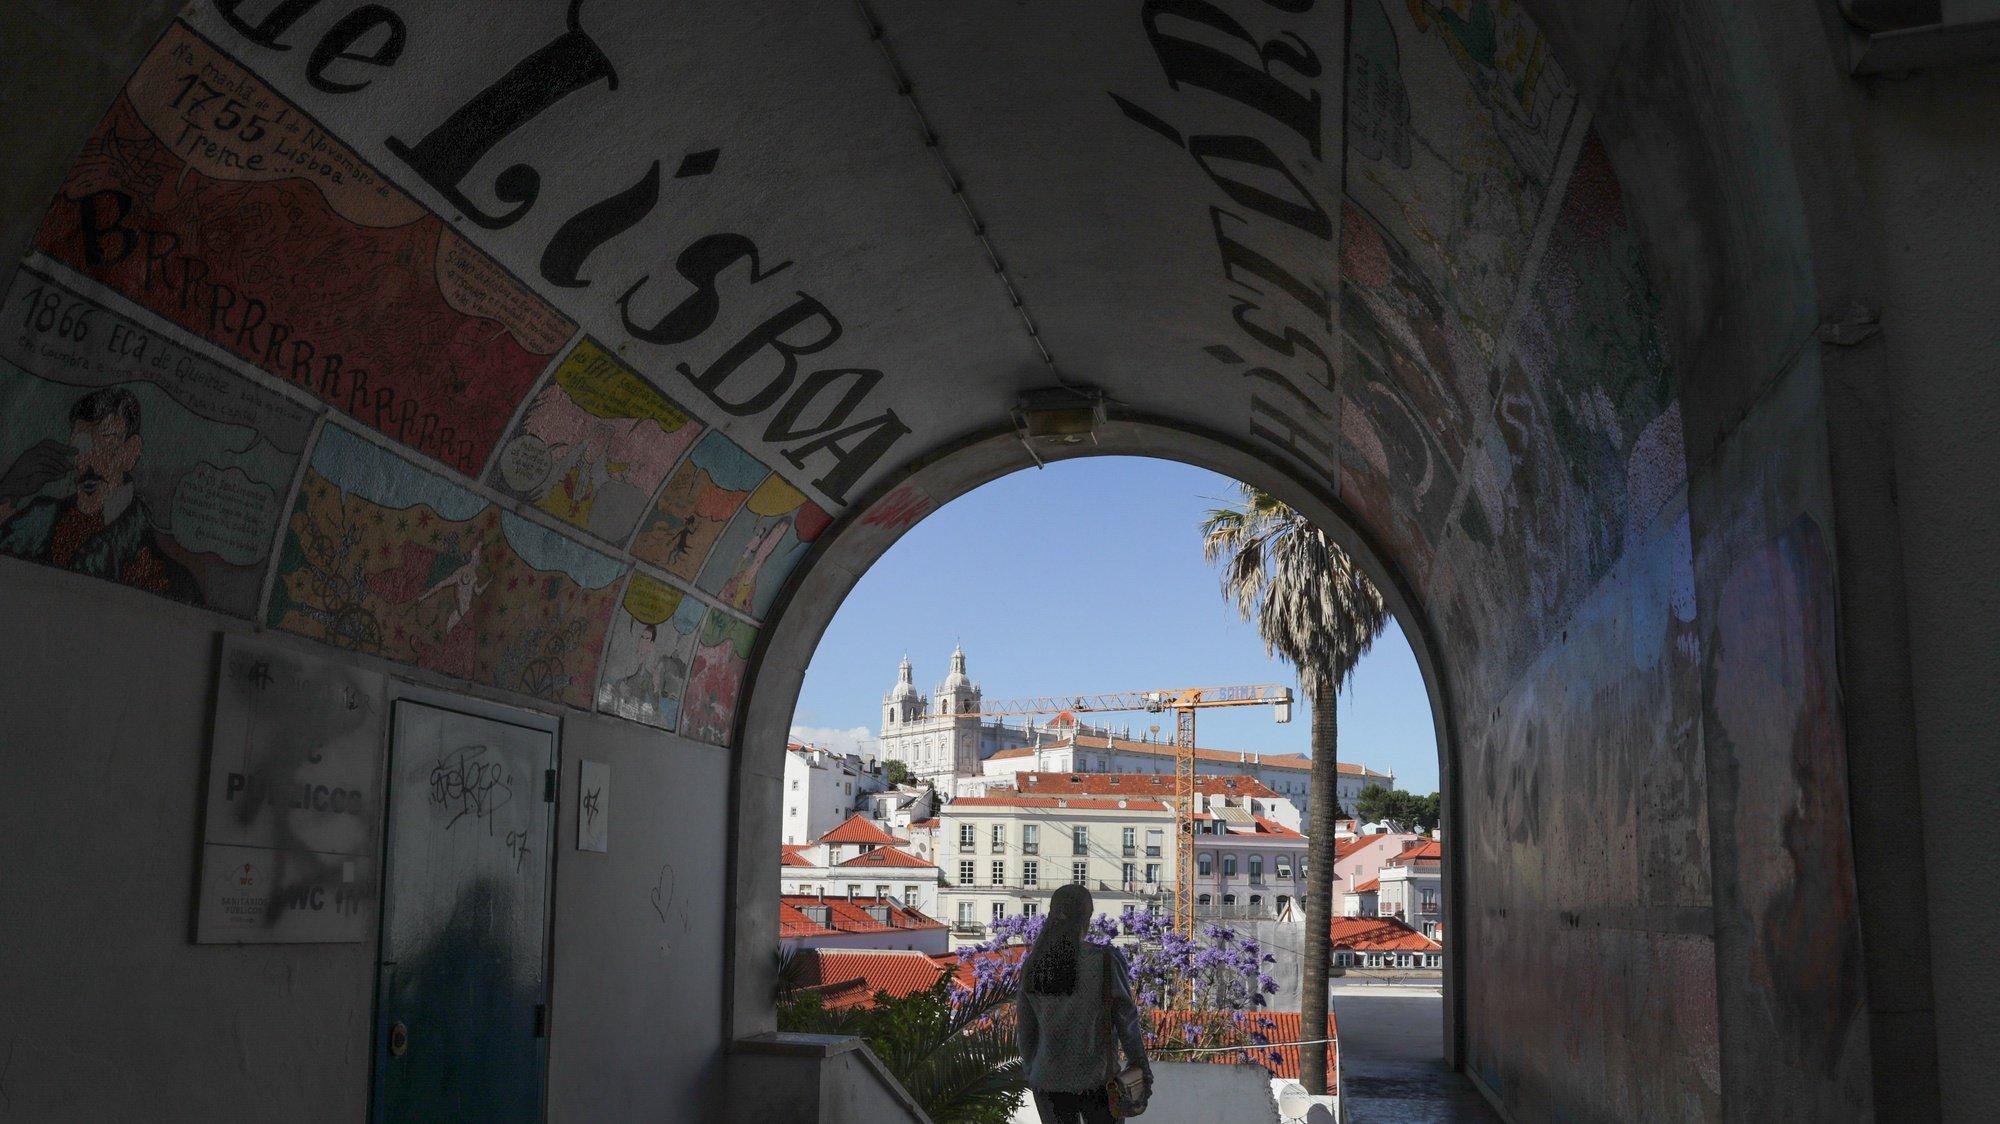 Uma mulher passa numa rua de Alfama, em Lisboa, 03 de junho de 2020. Os habitantes que restam em Alfama reencontraram o seu bairro sem turistas devido à pandemia da covid-19, mas lamentam o cancelamento das marchas e festas populares do Santo António. (ACOMPANHA TEXTO DA LUSA DO DIA 07 DE JUNHO DE 2020). TIAGO PETINGA/LUSA